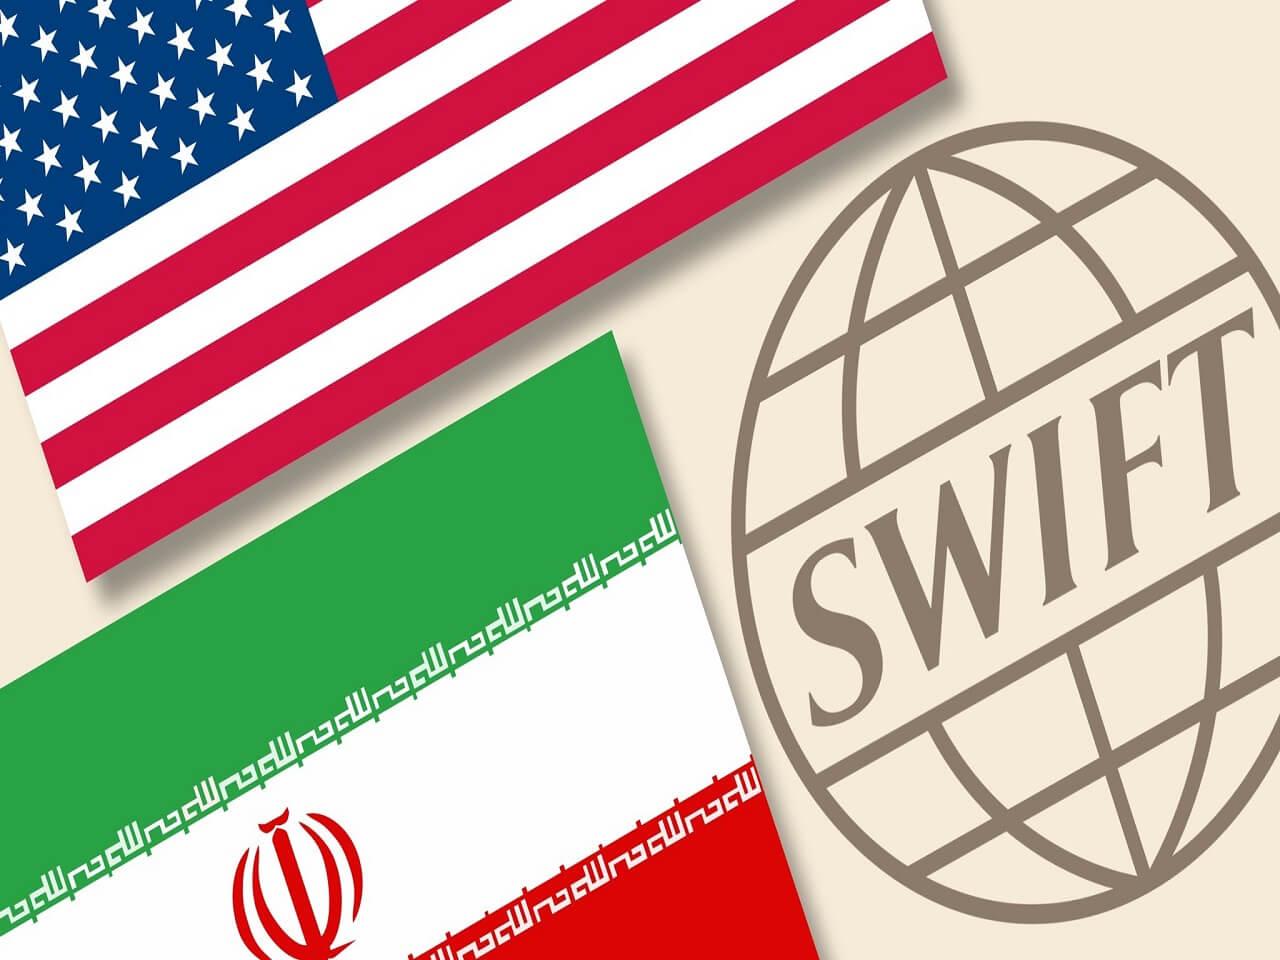 ABD'nin İran'a Yönelik Yaptırımlarının İkinci Aşaması Yürürlüğe Girdi